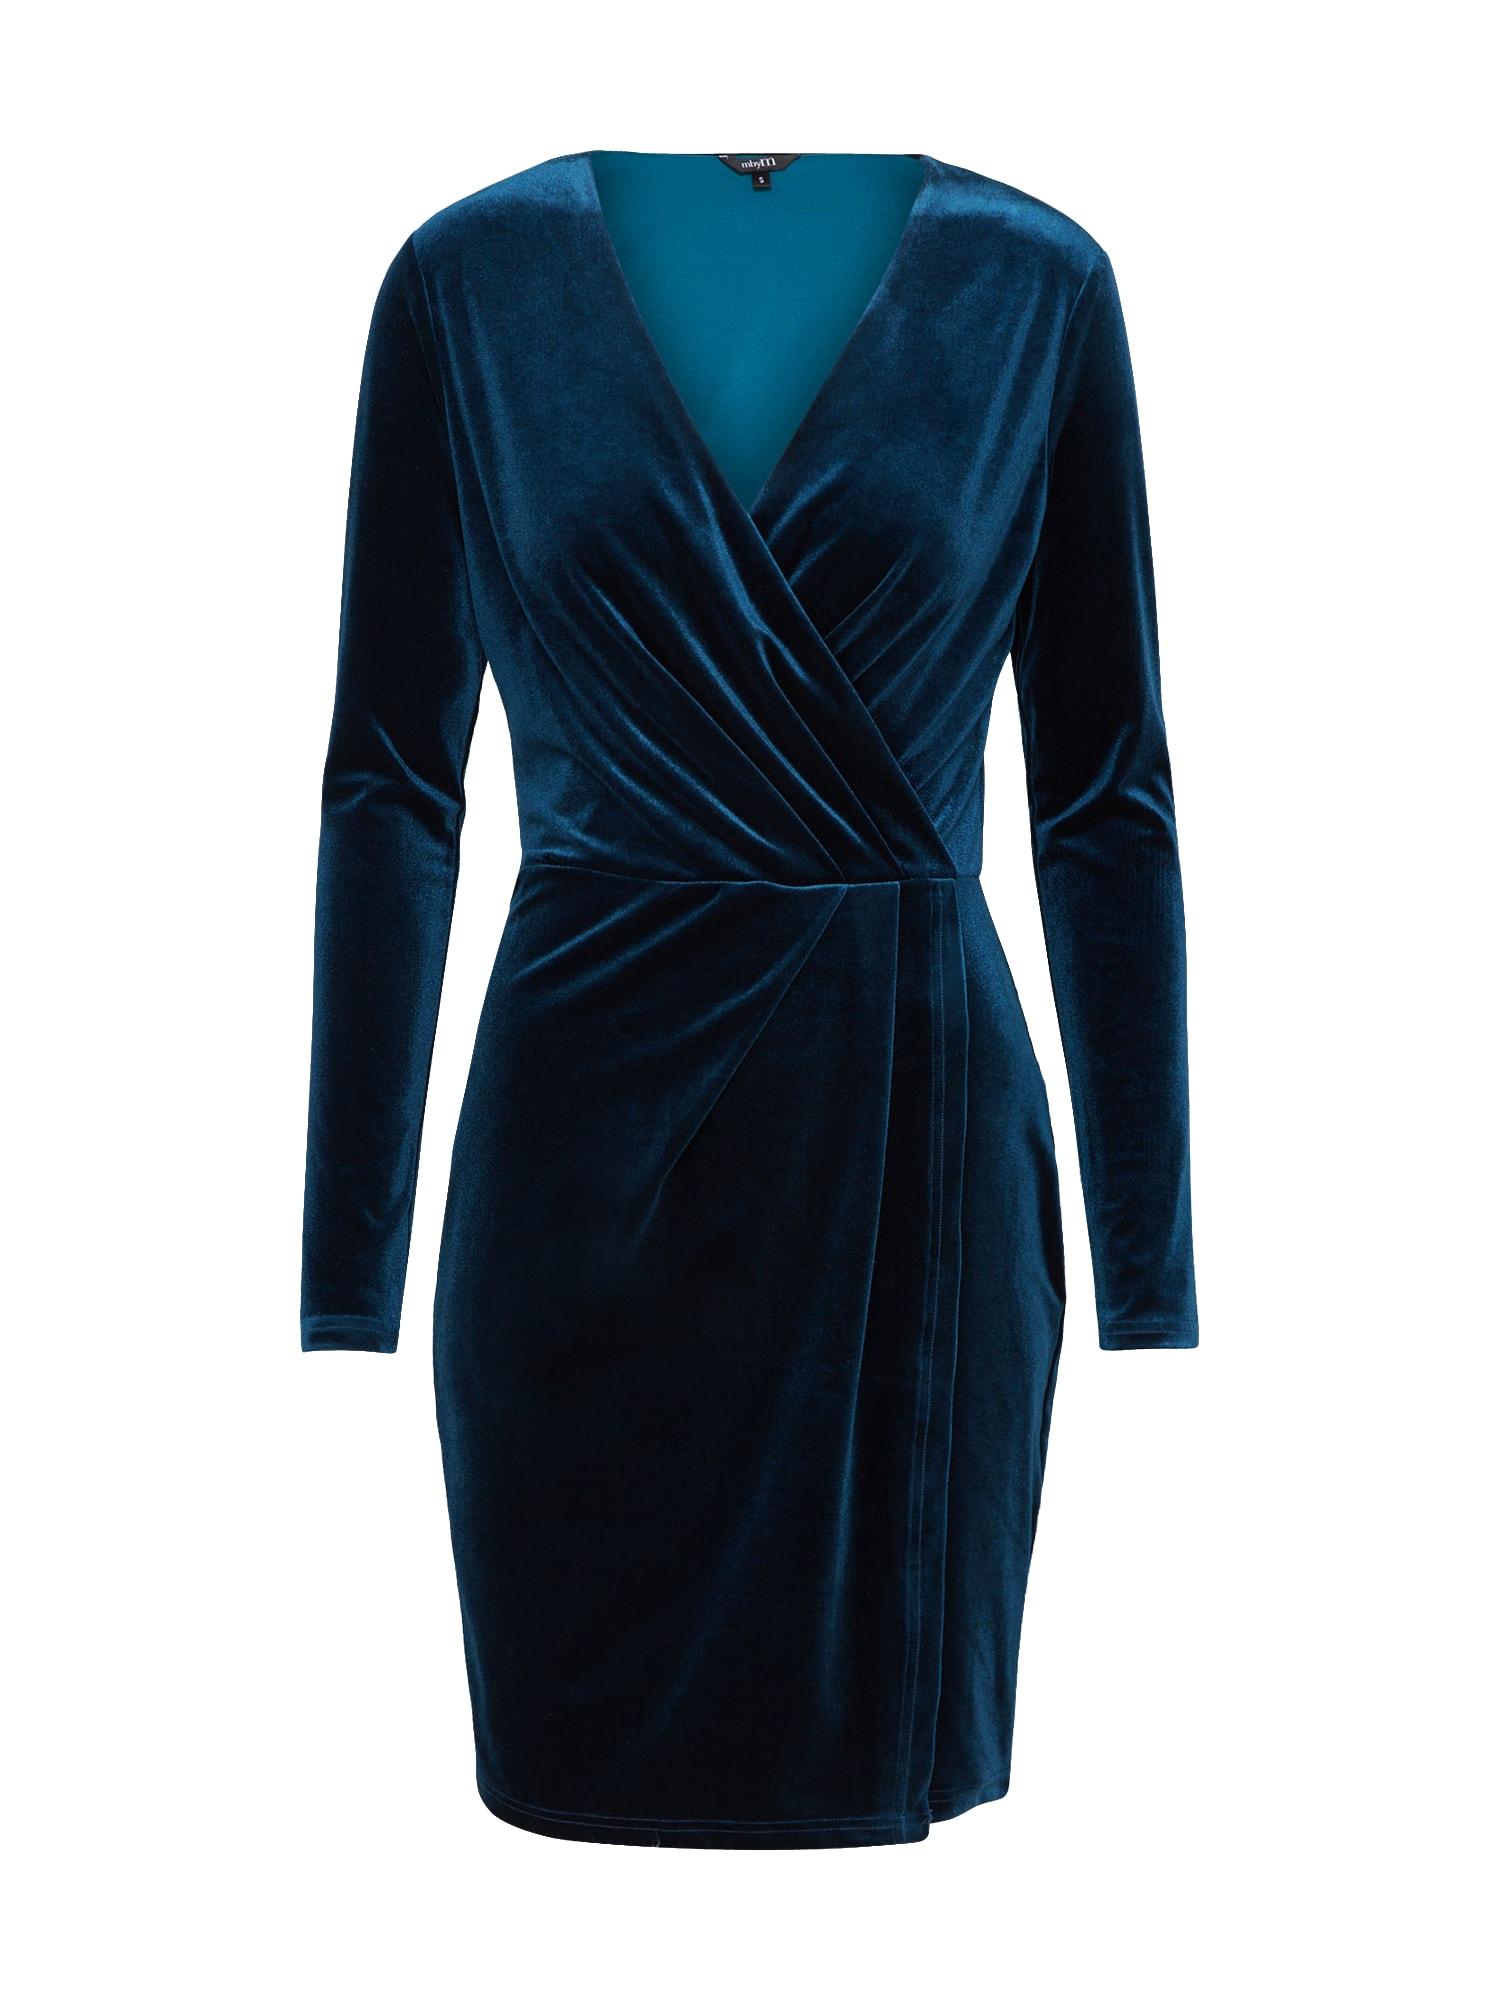 Koktejlové šaty Madena modrá noční modrá Mbym